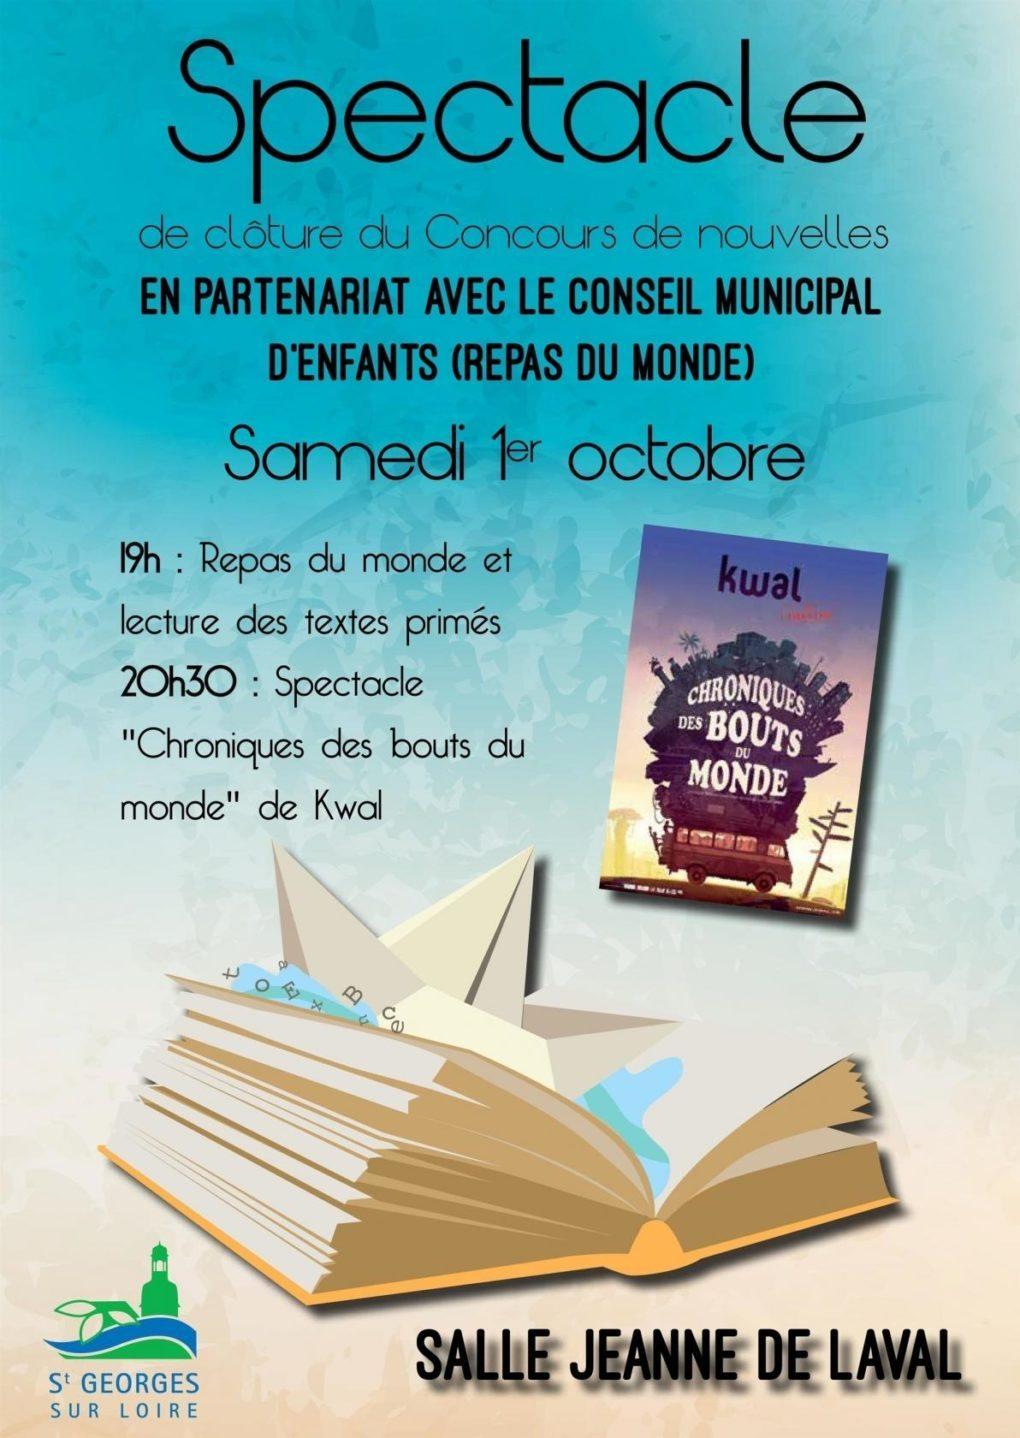 Spectacle du concours de nouvelles Saint-Georges-sur-Loire